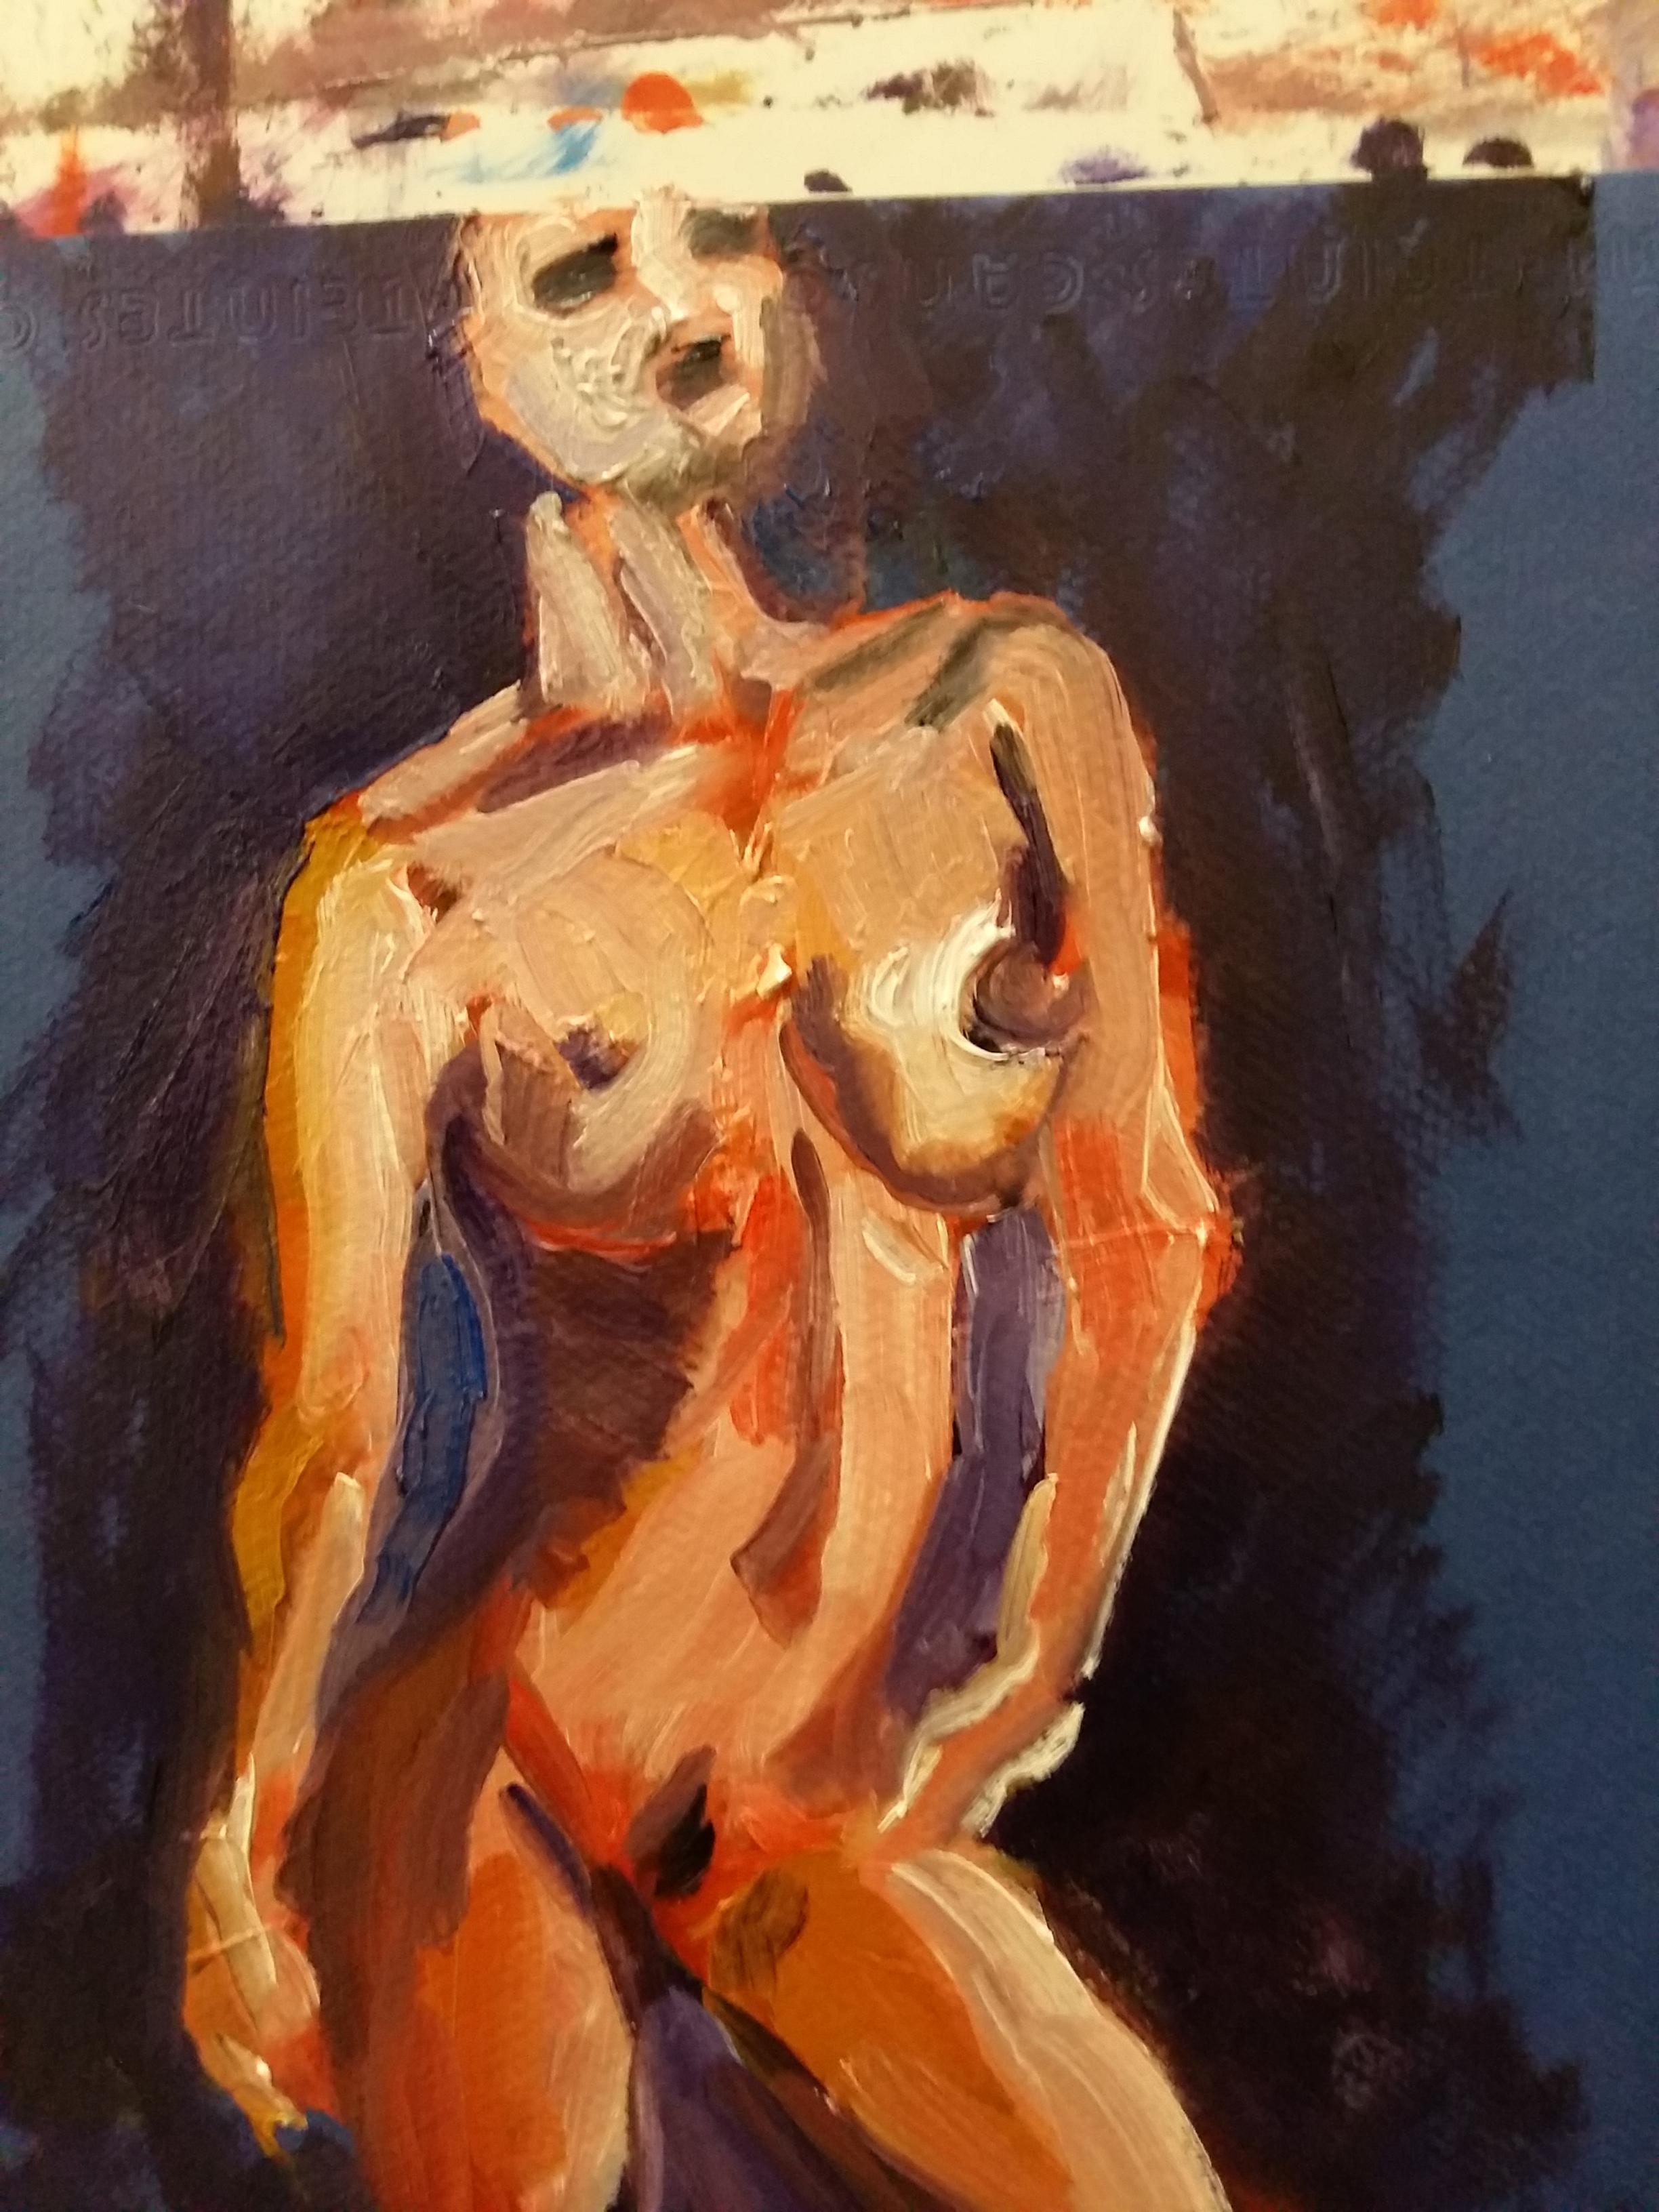 Buste femme peinture gouache  cours de dessin